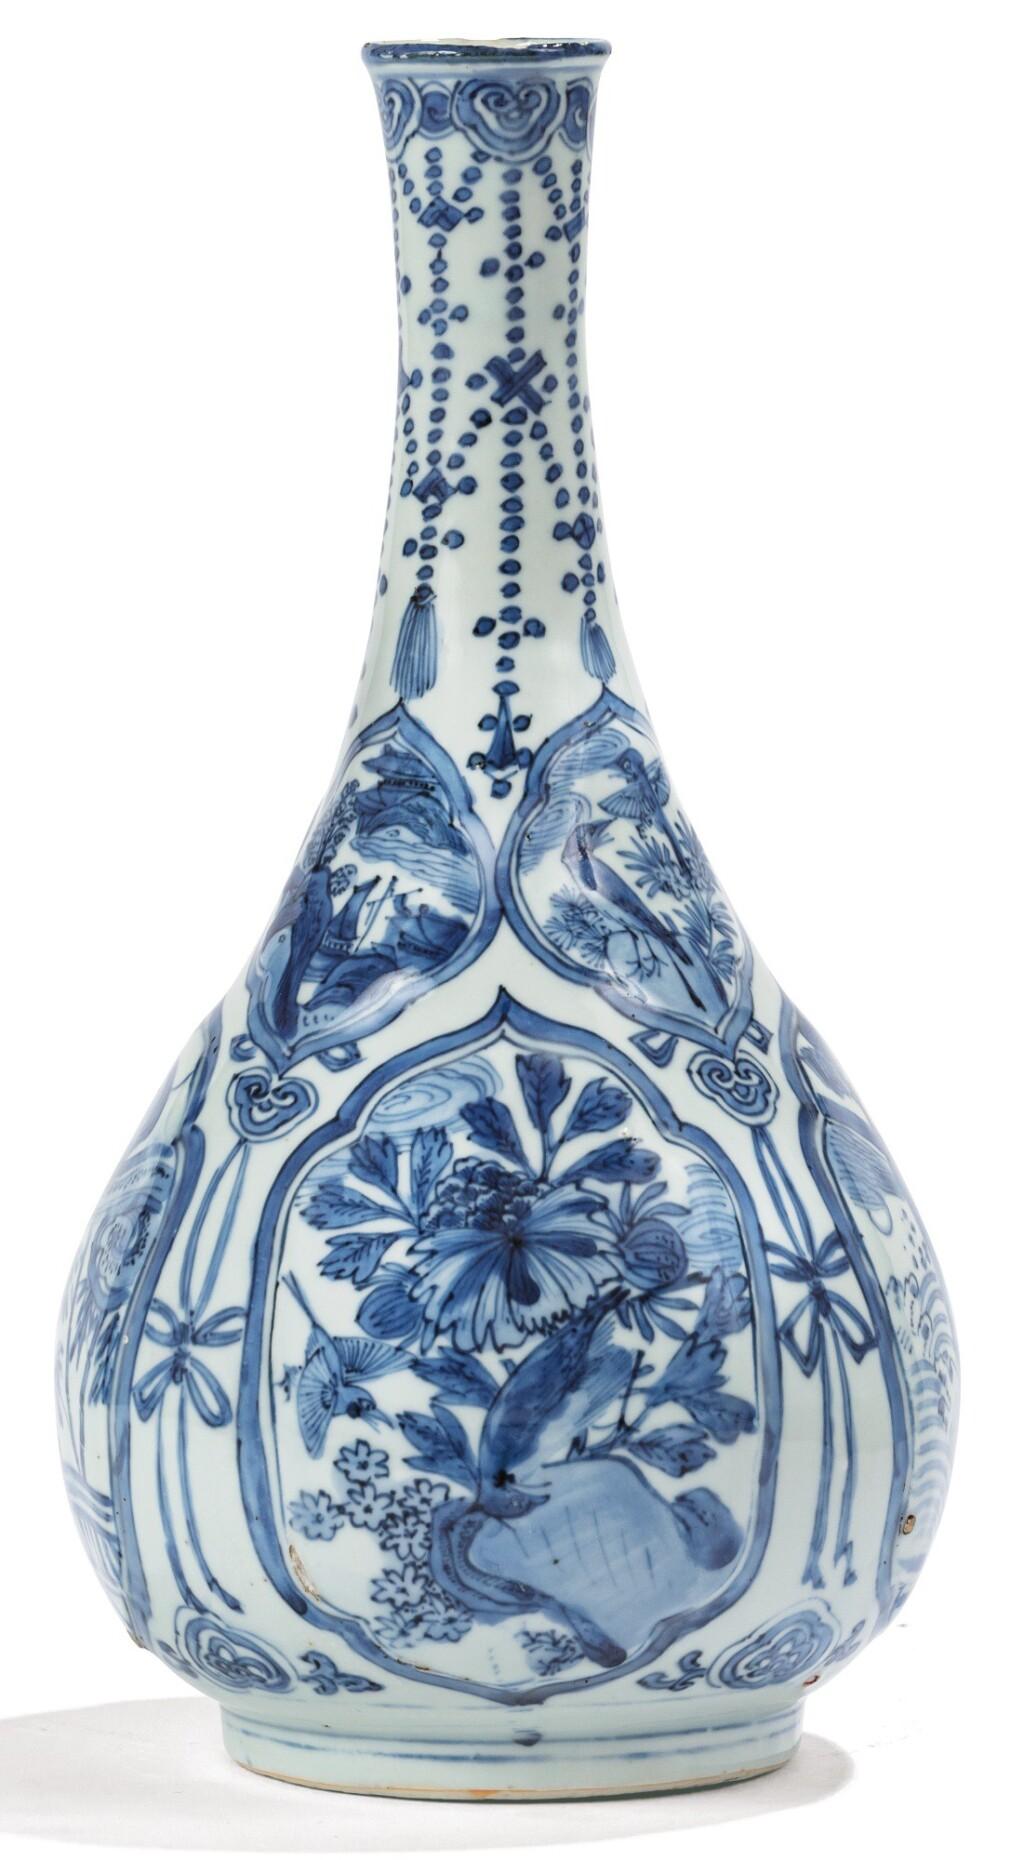 VASE BOUTEILLE EN PORCELAINE BLEU BLANC XVIIE SIÈCLE | 十七世紀 青花開光四季花卉圖長頸瓶 | A blue and white bottle vase, 17th century